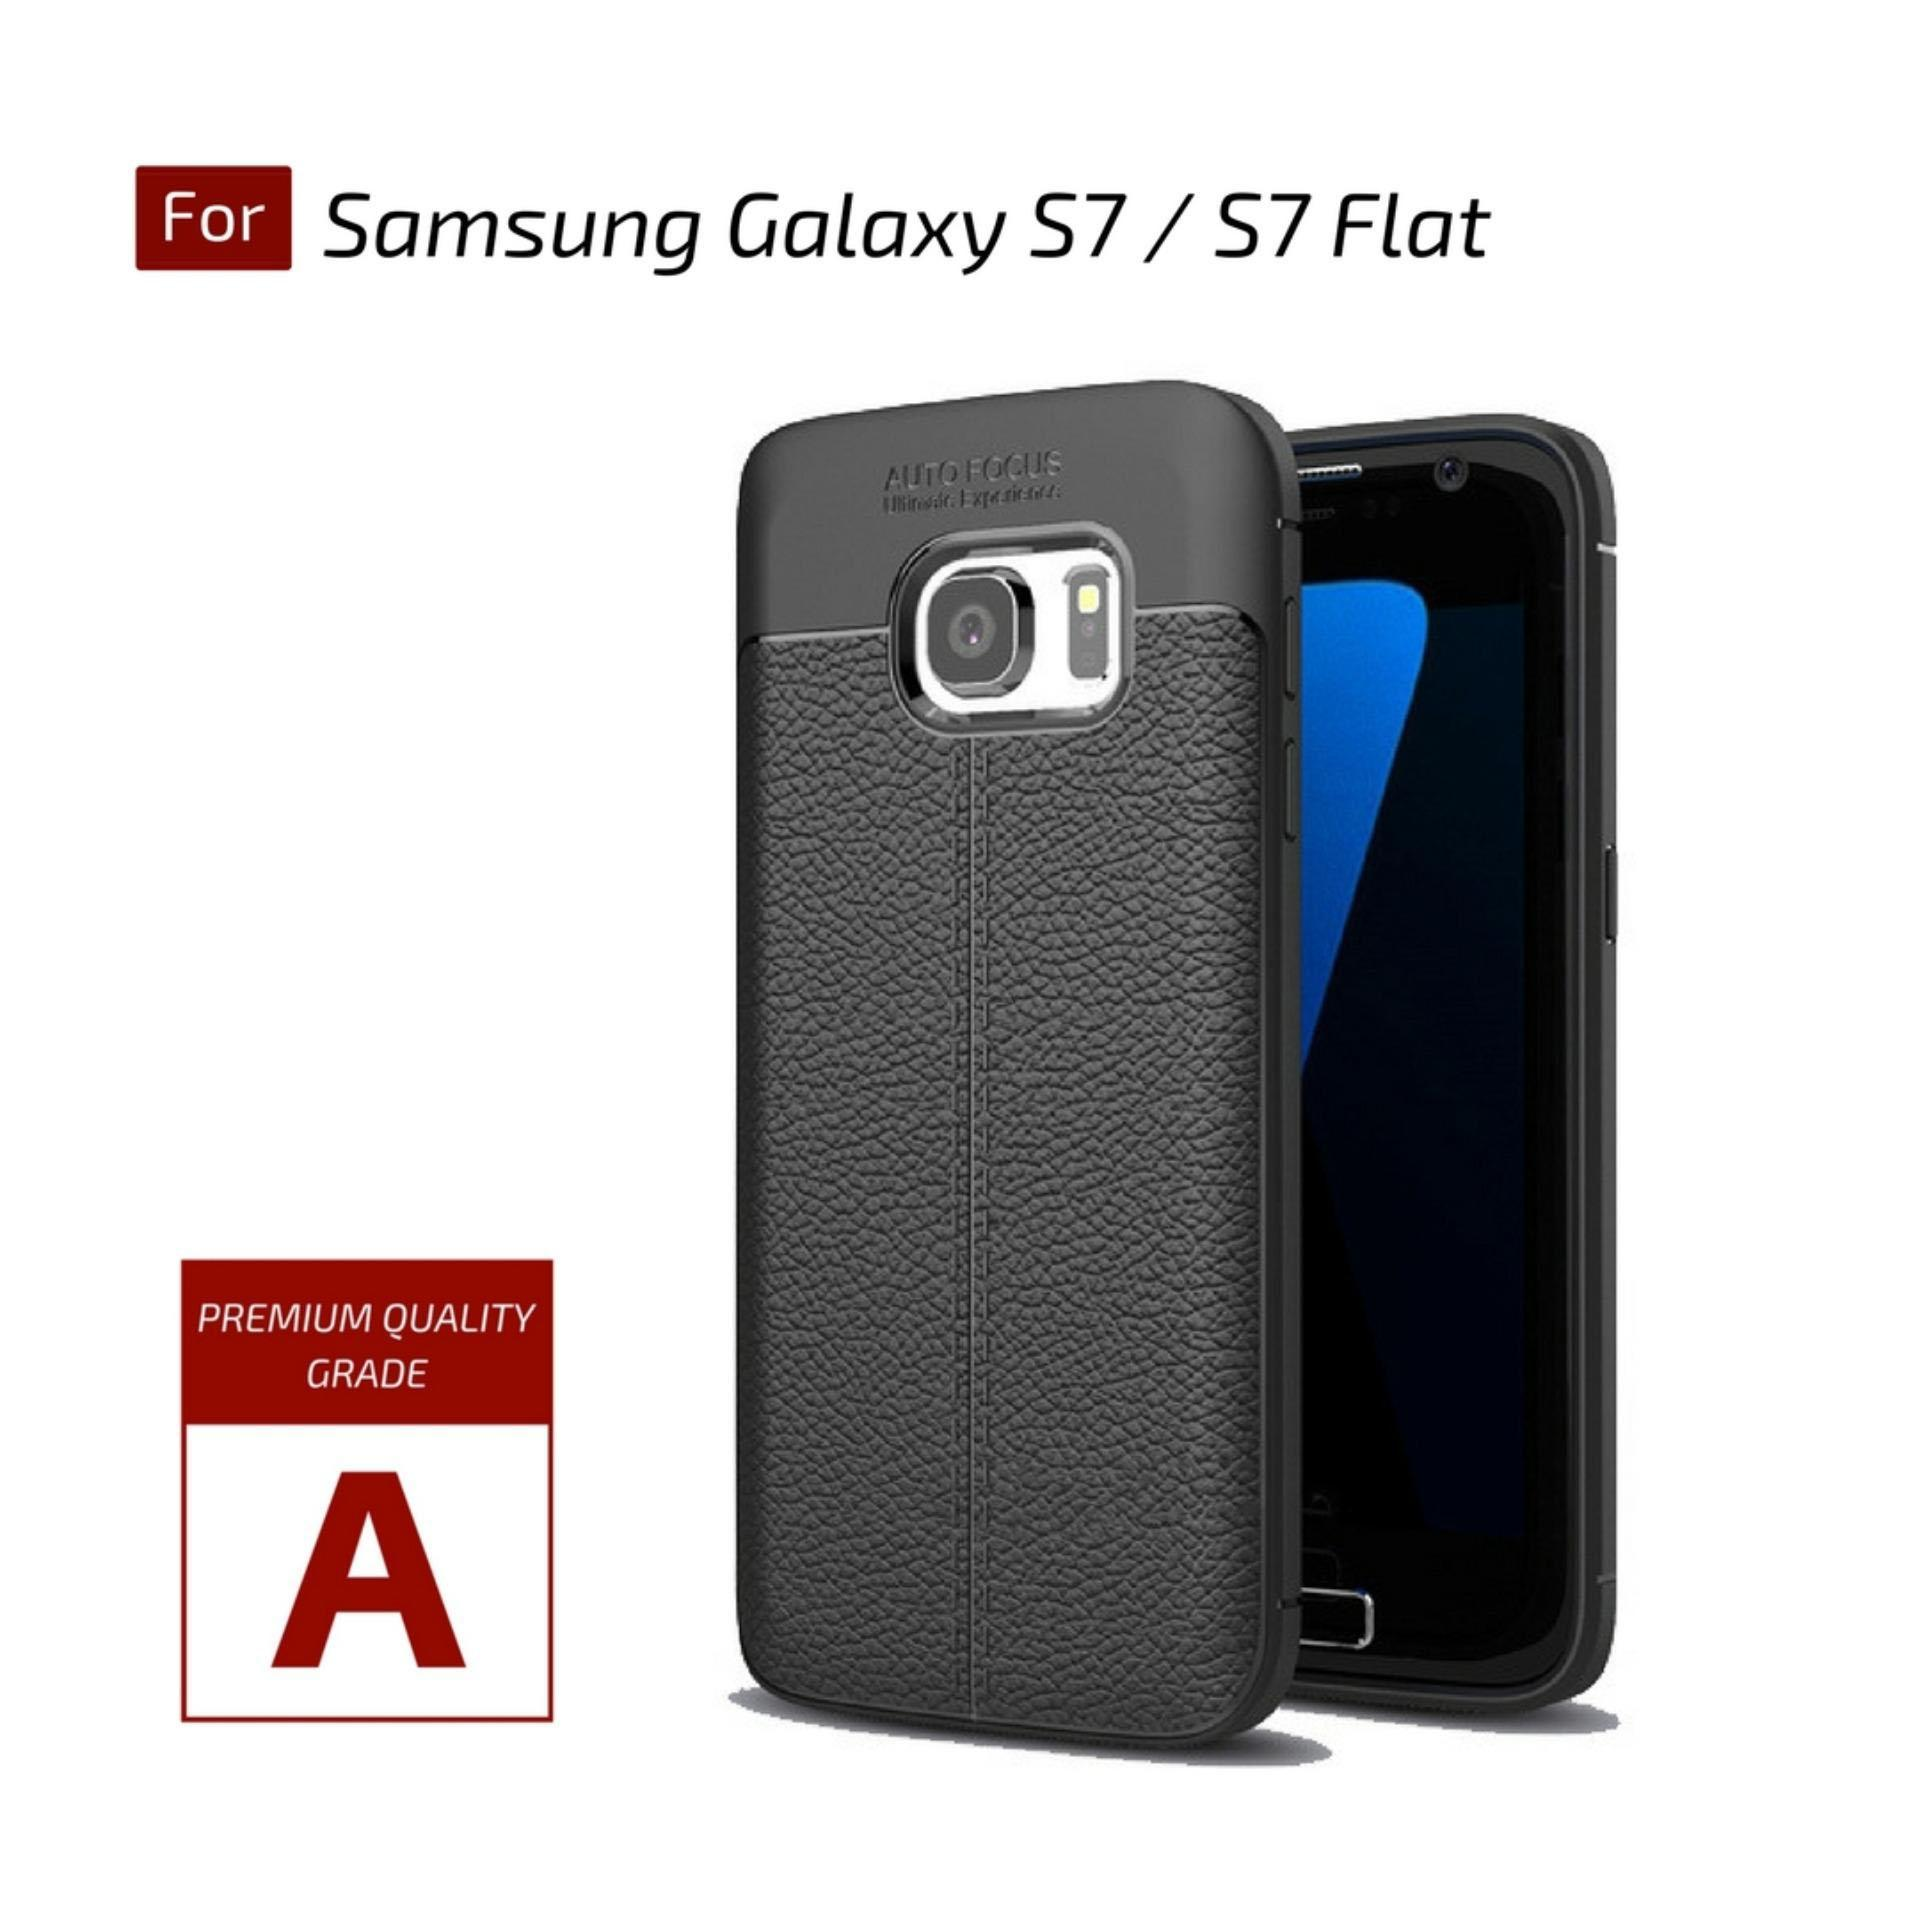 Fitur Samsung Keyboard Cover For Galaxy S7 Flat Black Dan Harga Perekat Gurita Hp Berkah Case Leather Softcase